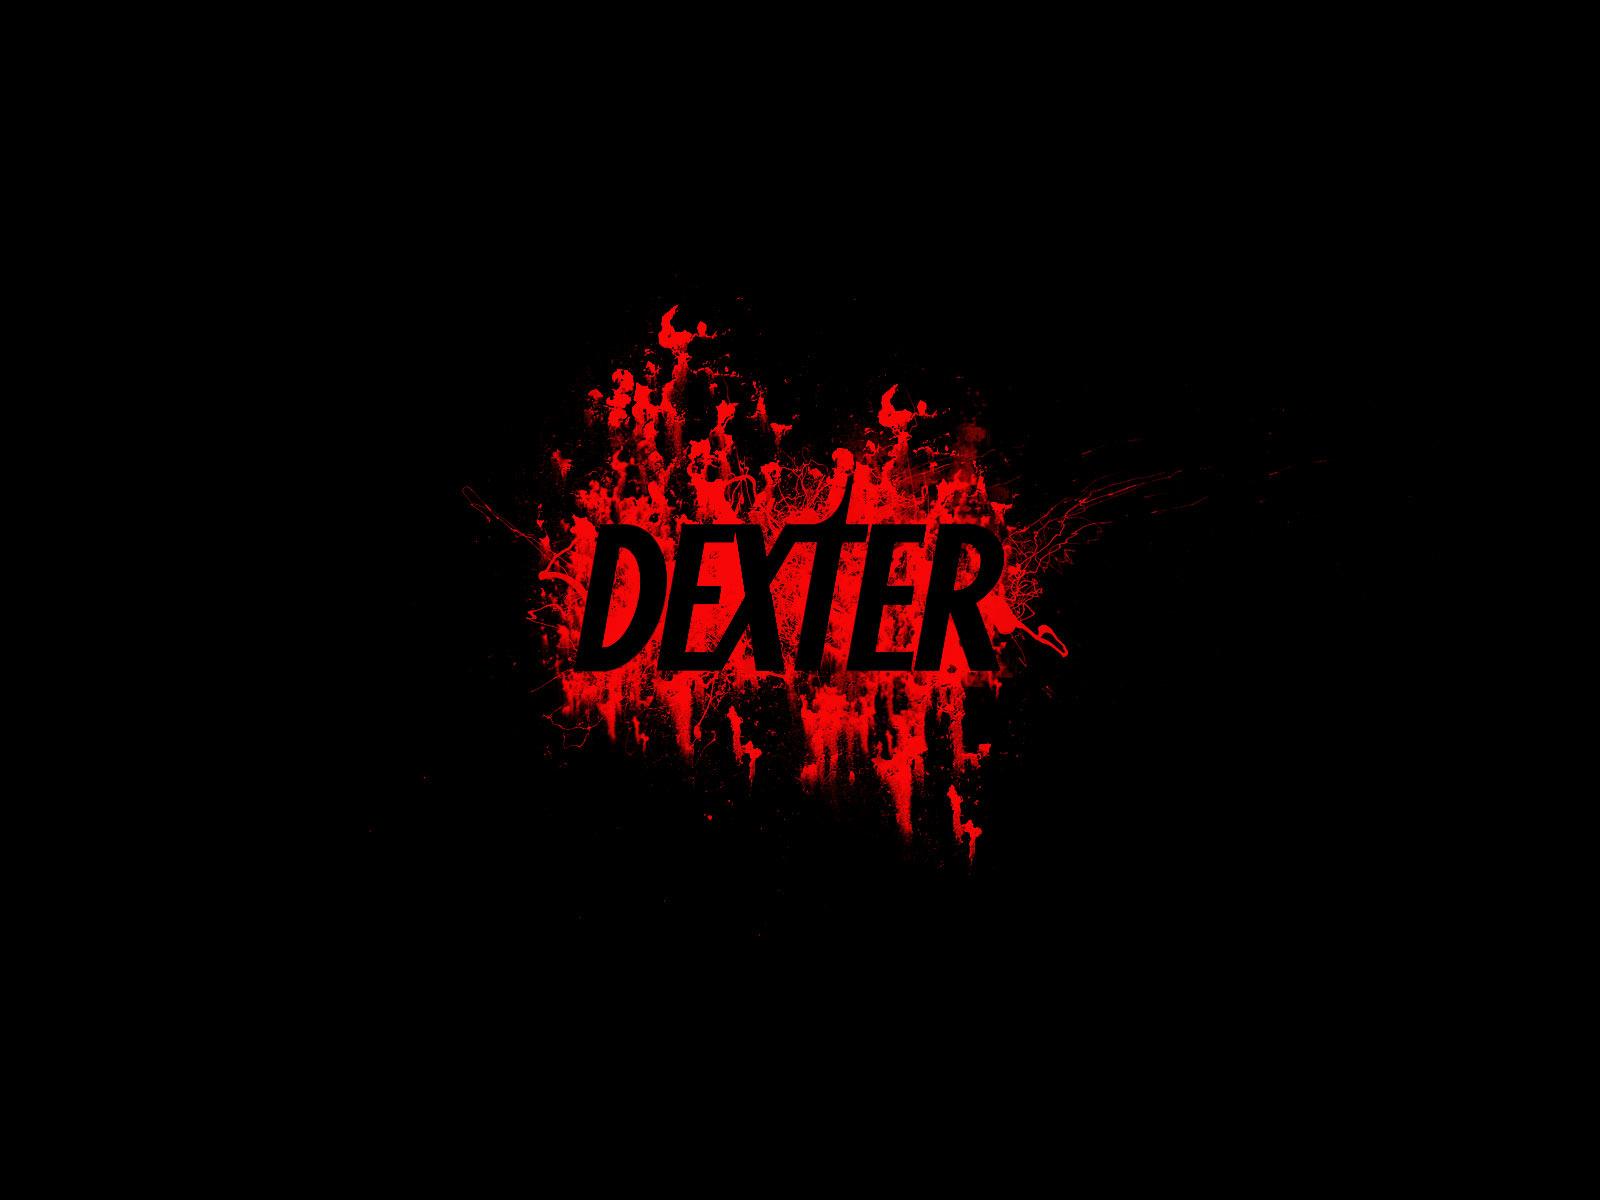 Free Dexter Wallpaper